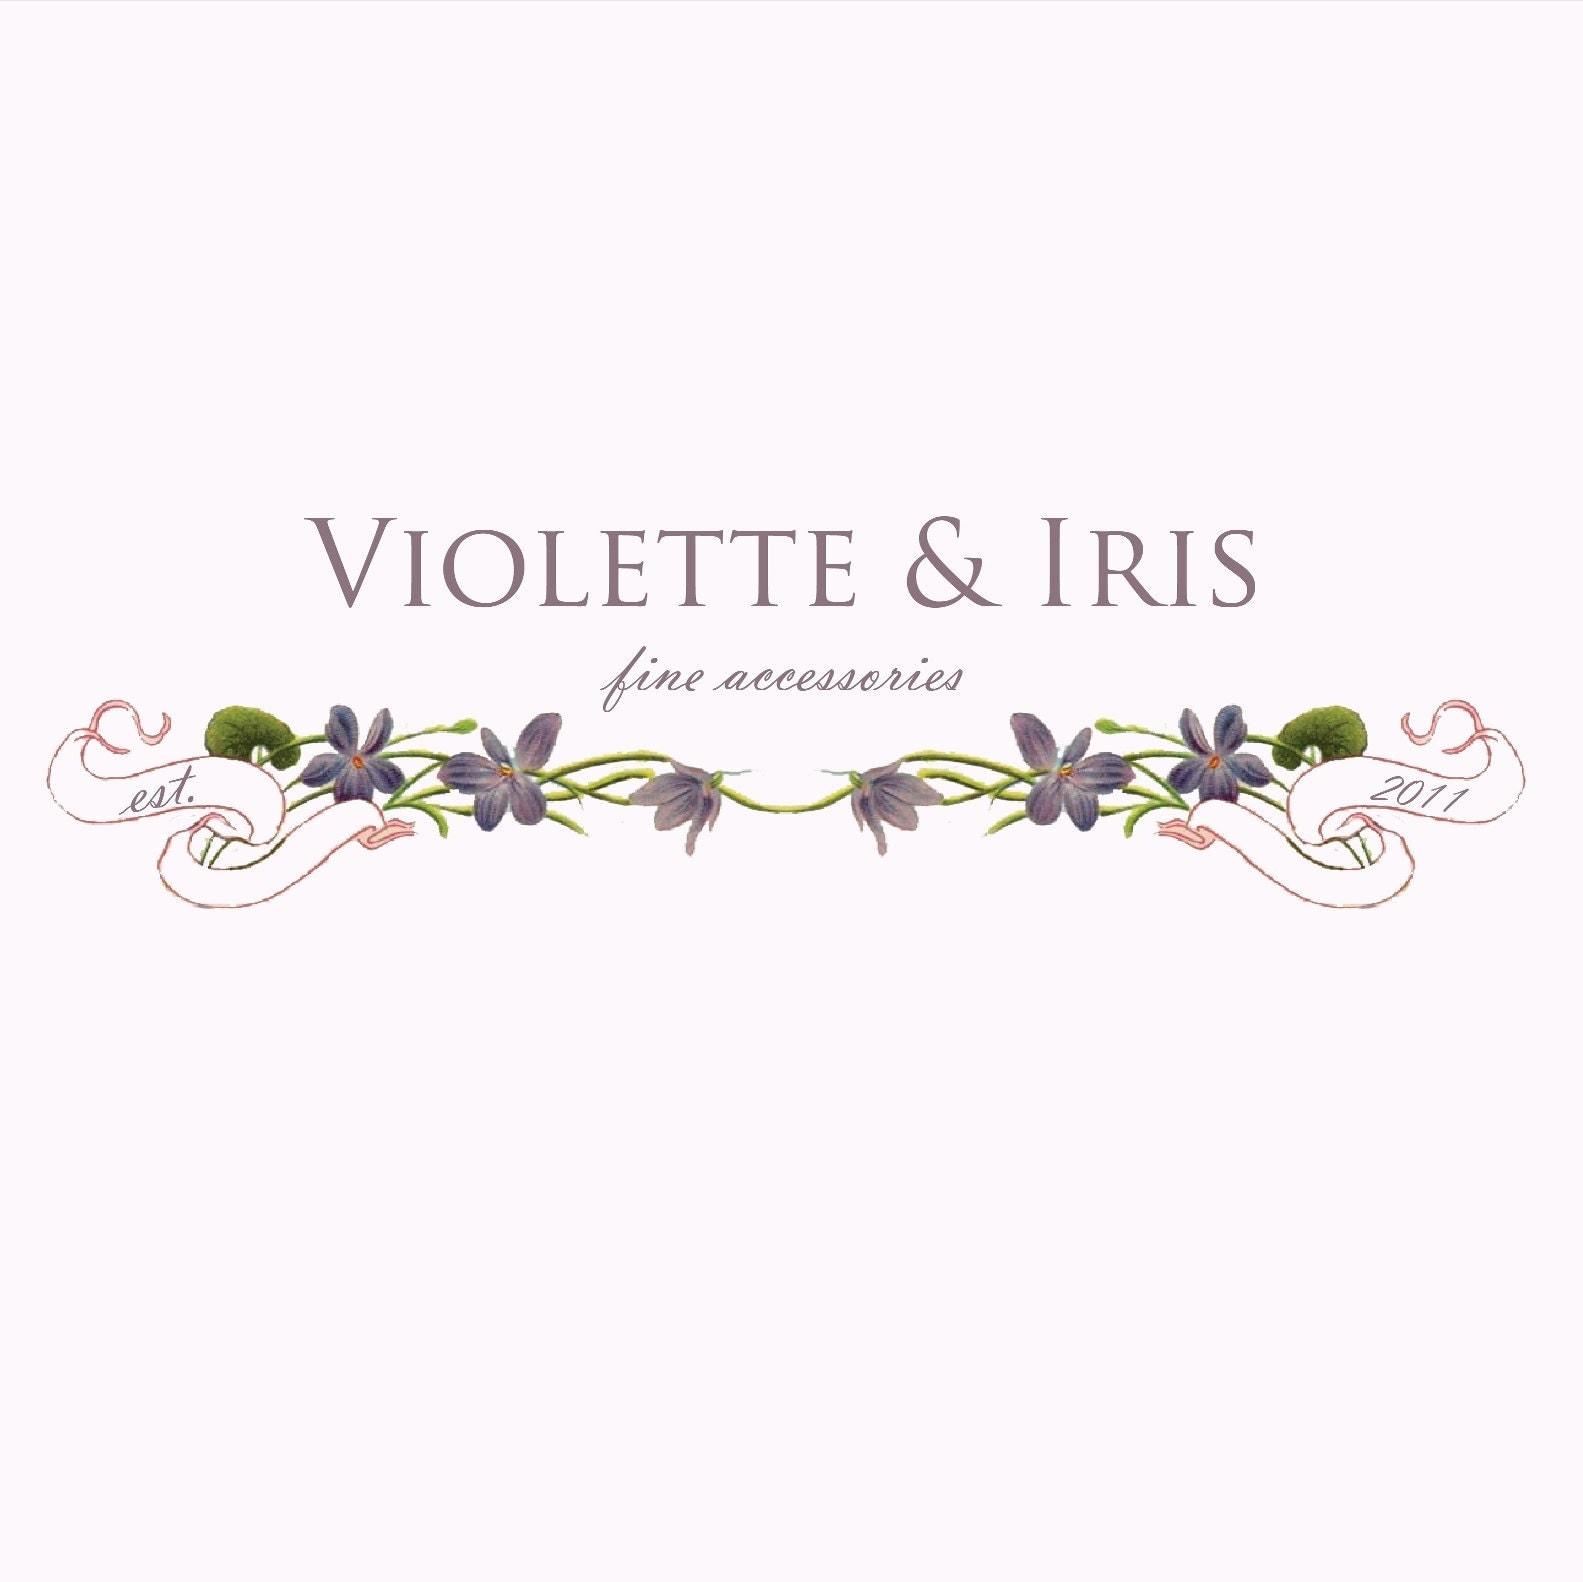 VioletteandIris